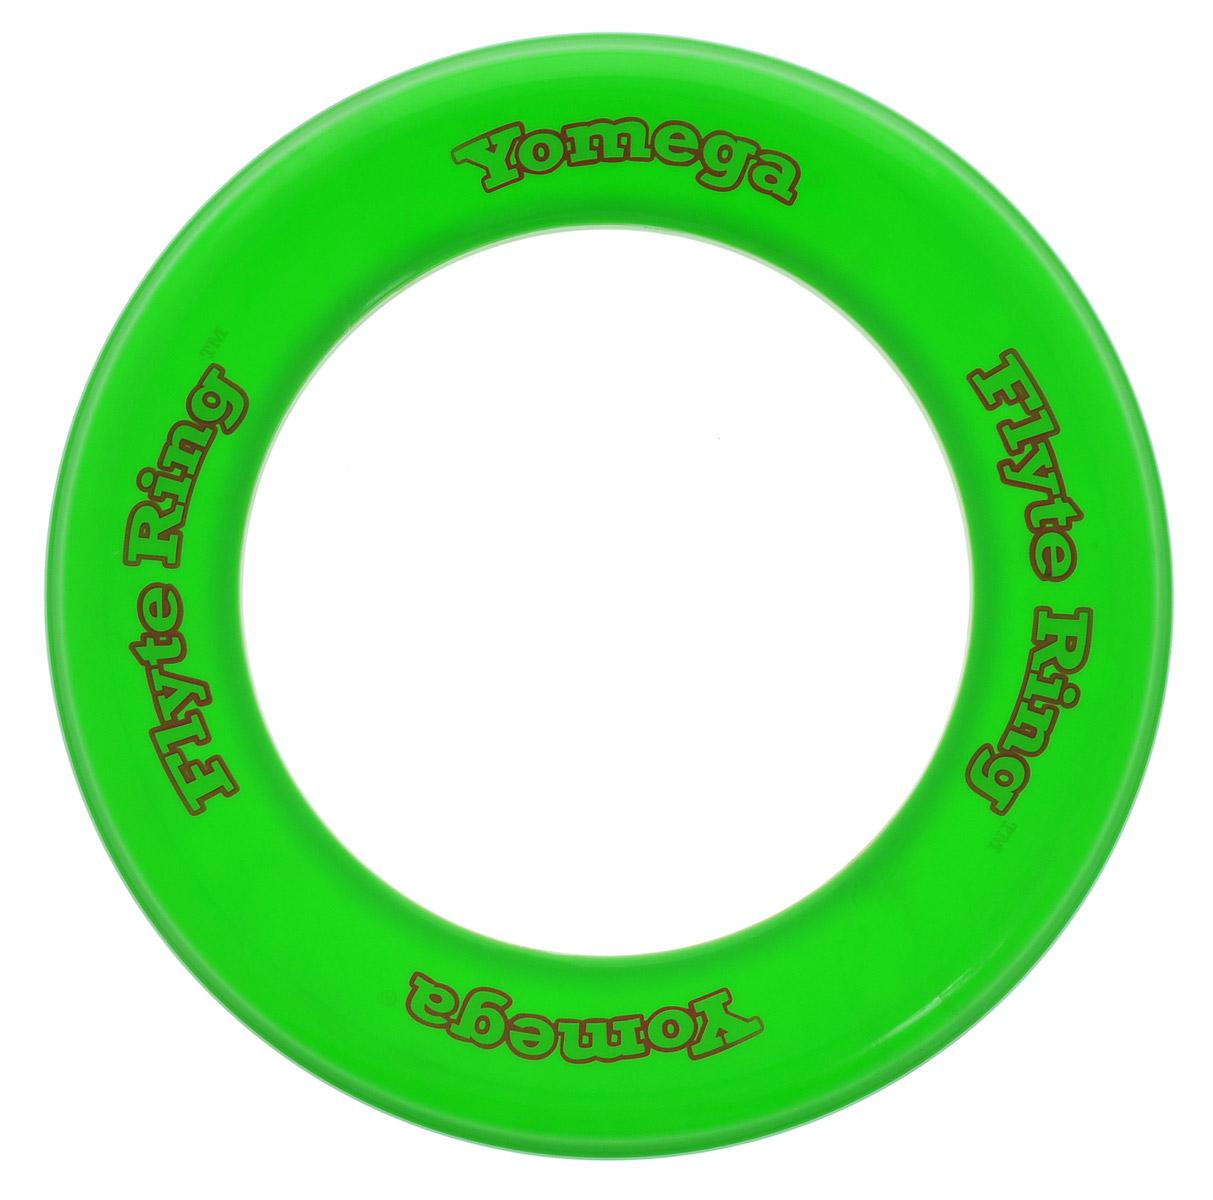 YoMega Летающие кольцо Flyte Ring цвет зеленый608Летающее кольцо YoMega Flyte Ring, разработанное профессионалами имеет уникальный аэродинамические свойства, позволяющие ему лететь долго, легко и с большим подъемом. Все в этом кольце выполнено для удобной и непринужденной игры. Потрясающие аэродинамические характеристики обеспечивают полет кольца на большие дистанции при различных погодных условиях. Кольцо оптимально для удобной игры продвинутыми игроками и новичками. Каждый ребенок будет рад такому яркому и спортивному подарку.